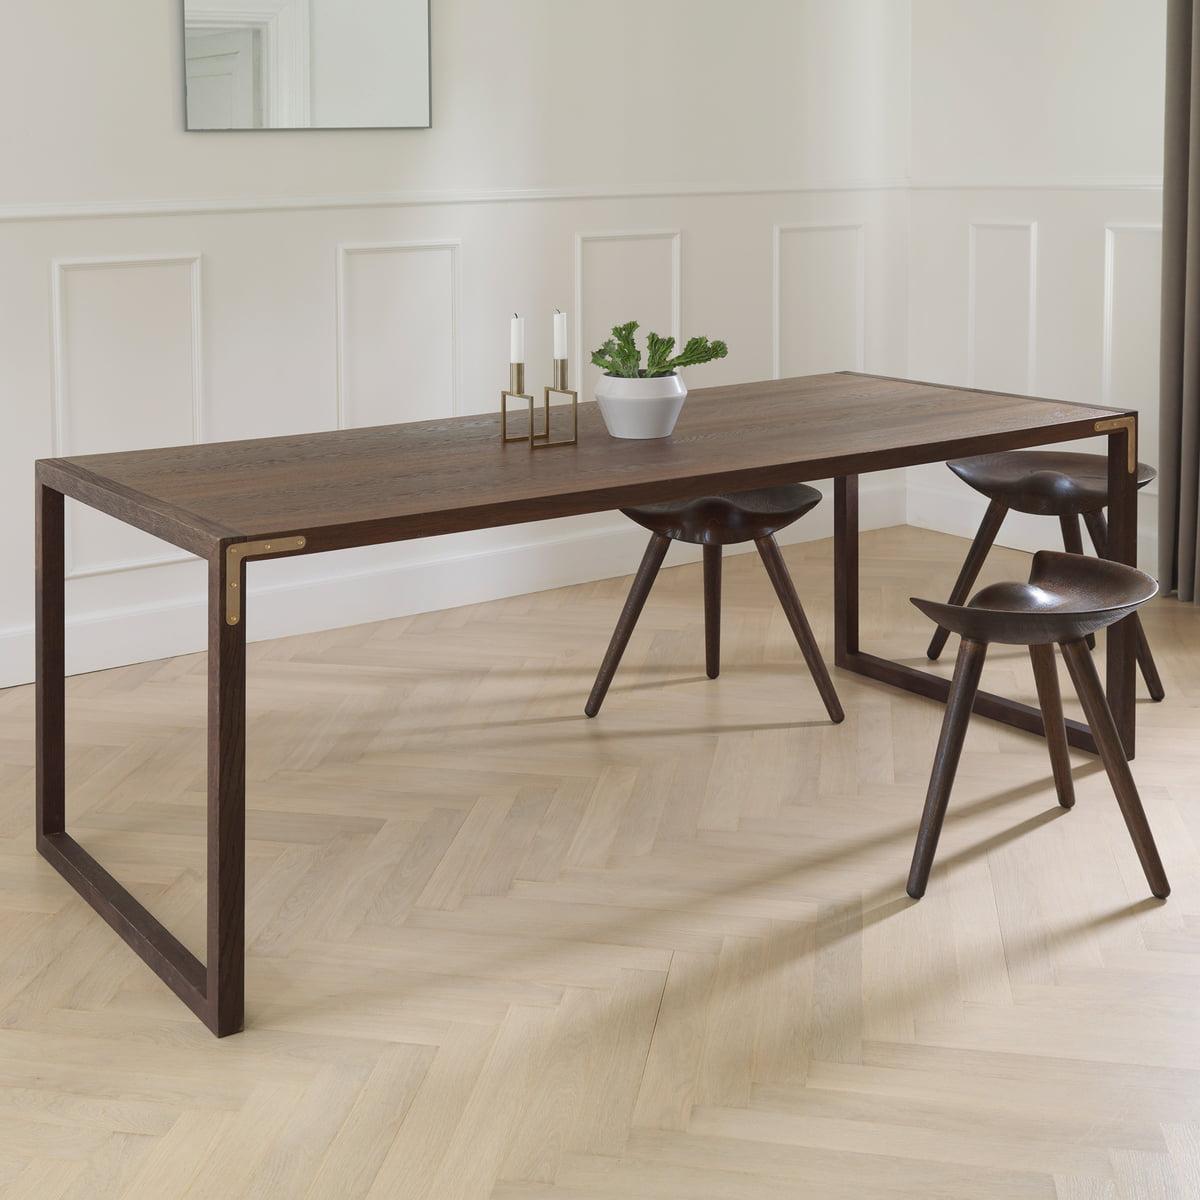 conekt esstisch von by lassen connox shop. Black Bedroom Furniture Sets. Home Design Ideas